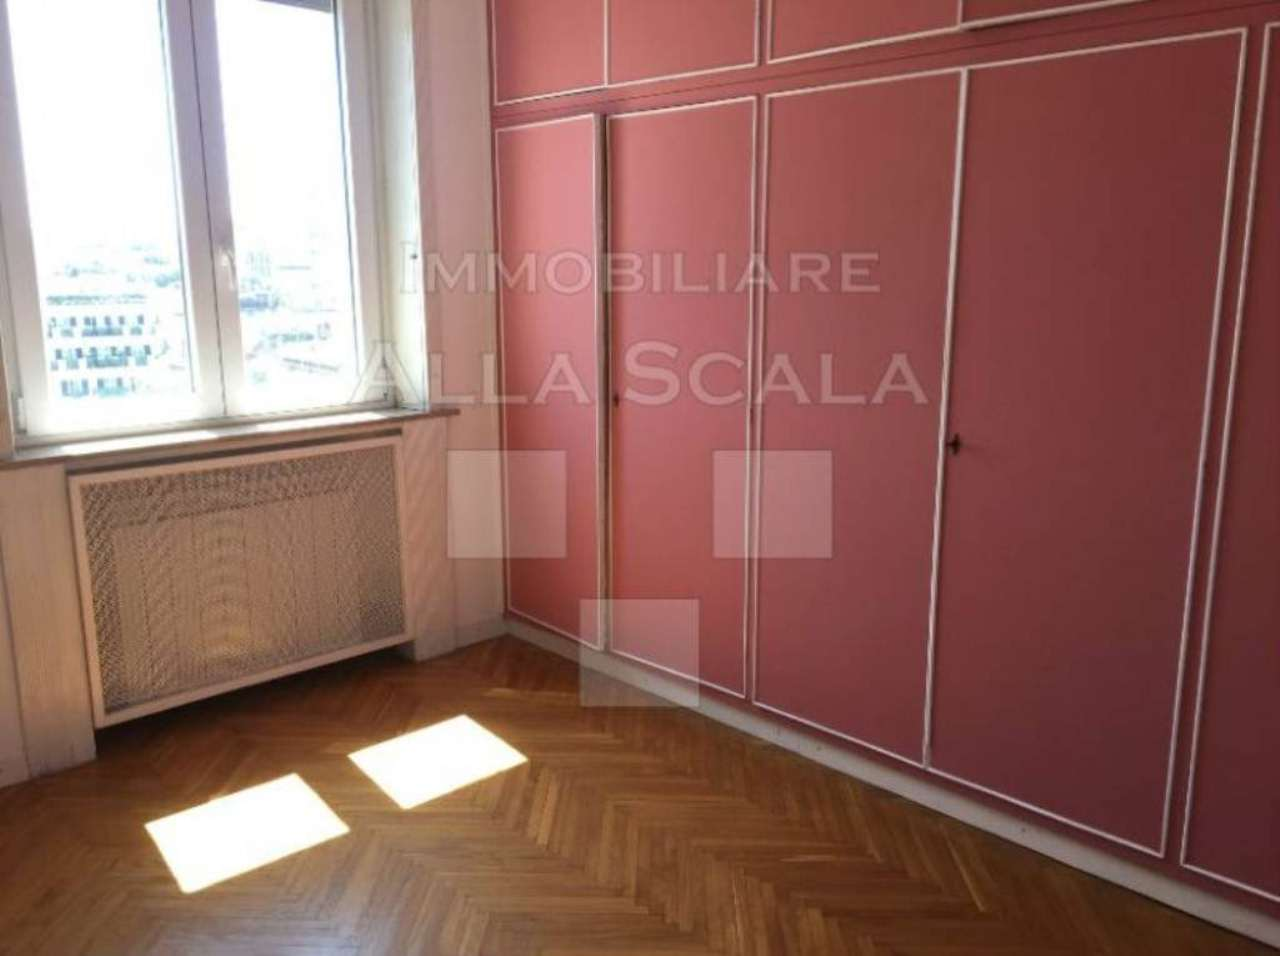 Attico in Vendita a Milano: 3 locali, 135 mq - Foto 7